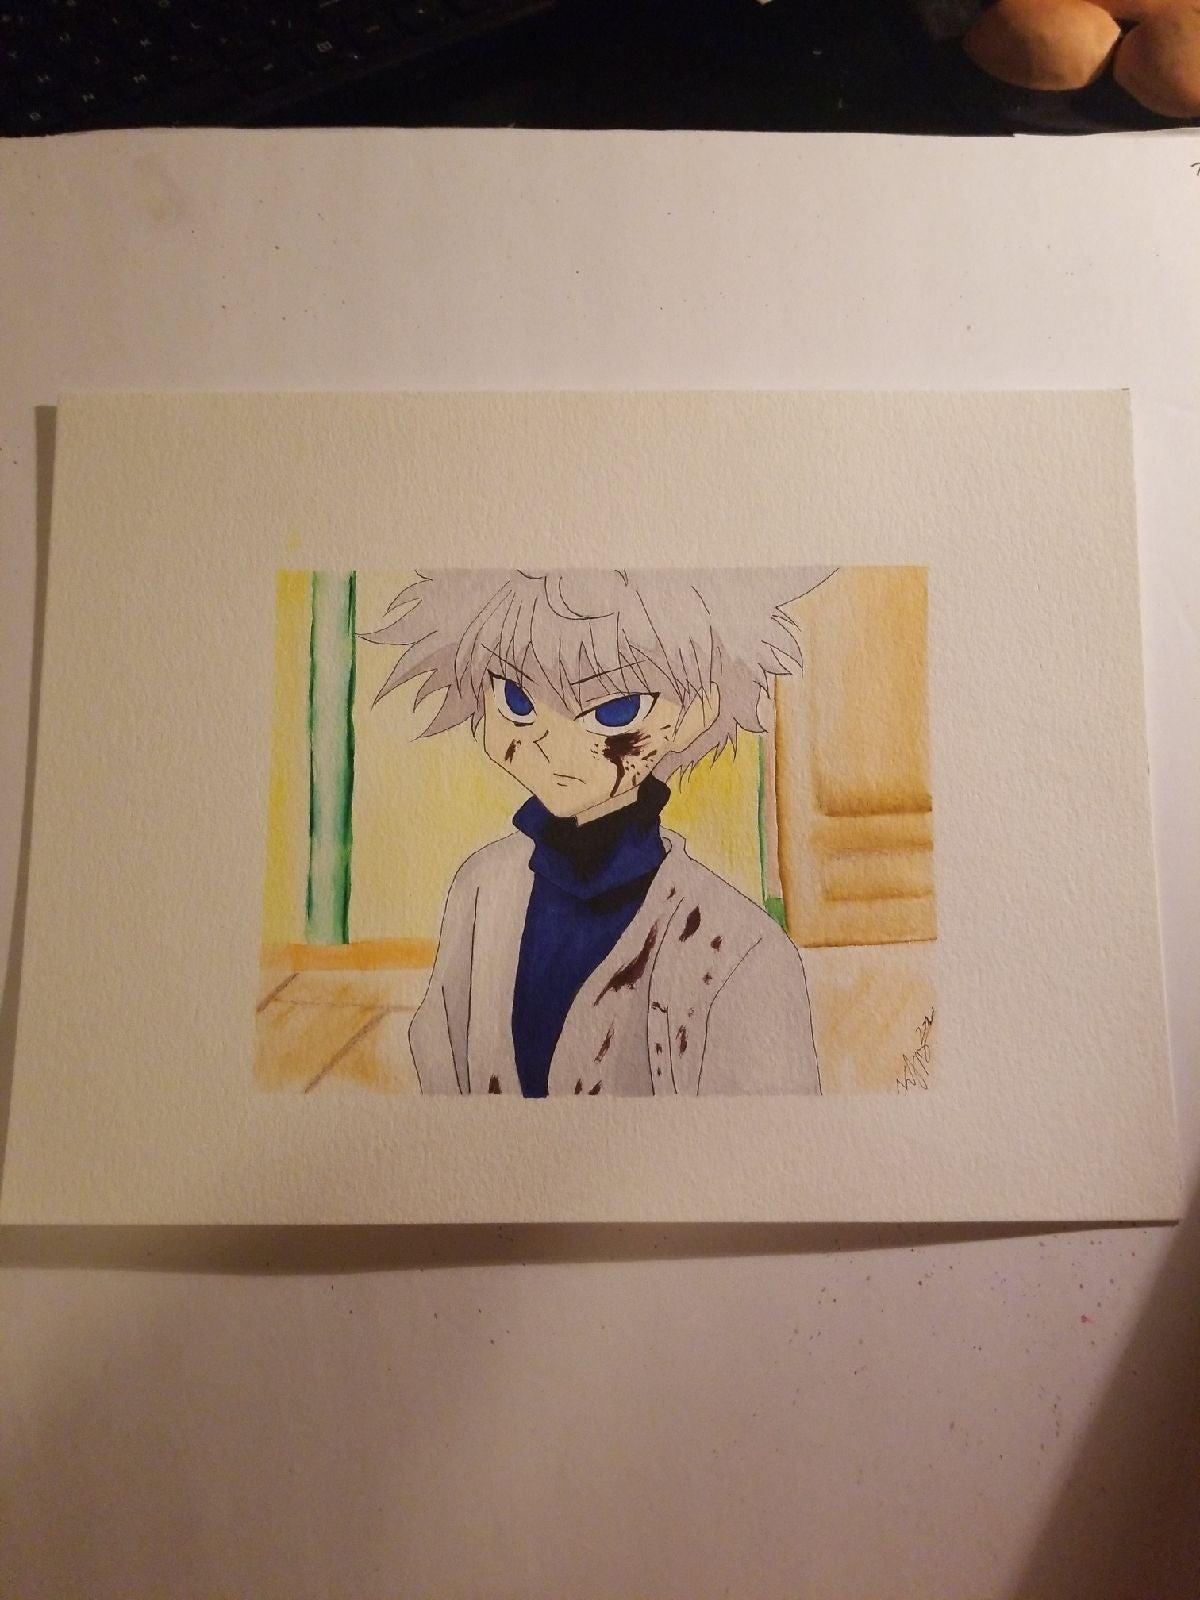 Killua prismacolor anime art 9×12 inch